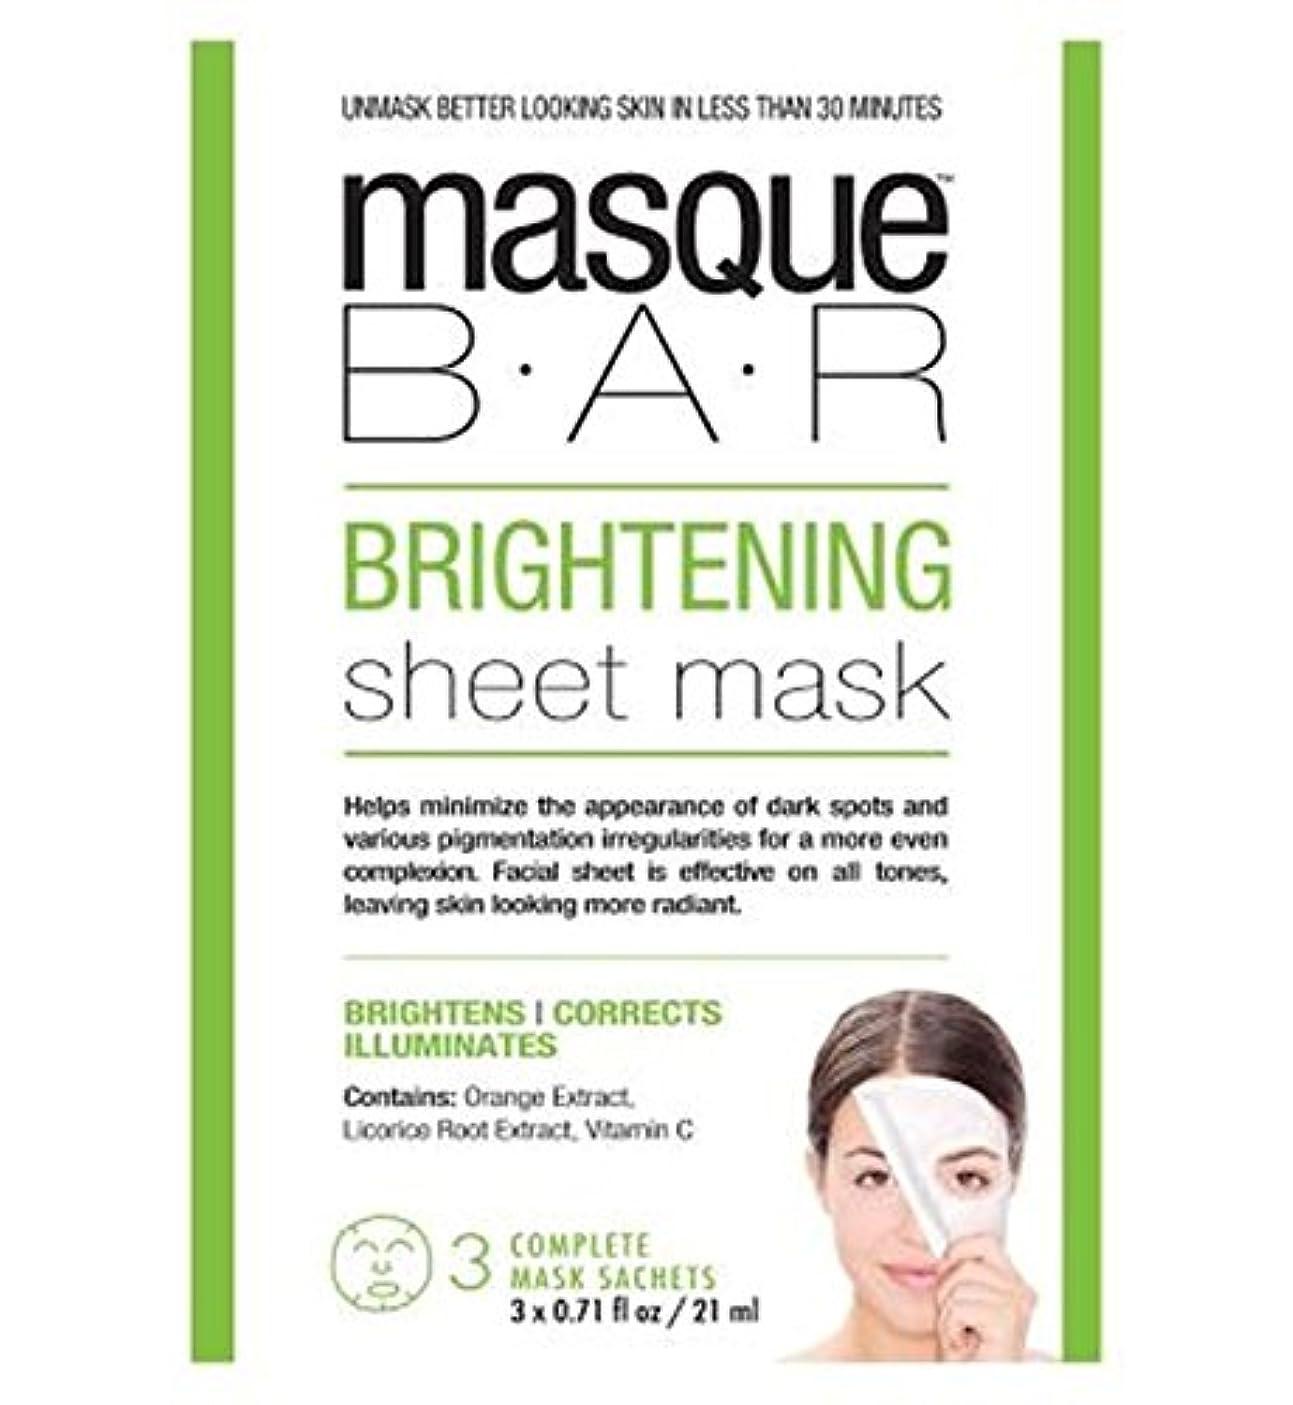 一元化するロイヤリティパンツ仮面劇バー光沢シートマスク - 3S (P6B Masque Bar Bt) (x2) - Masque Bar Brightening Sheet Mask - 3s (Pack of 2) [並行輸入品]